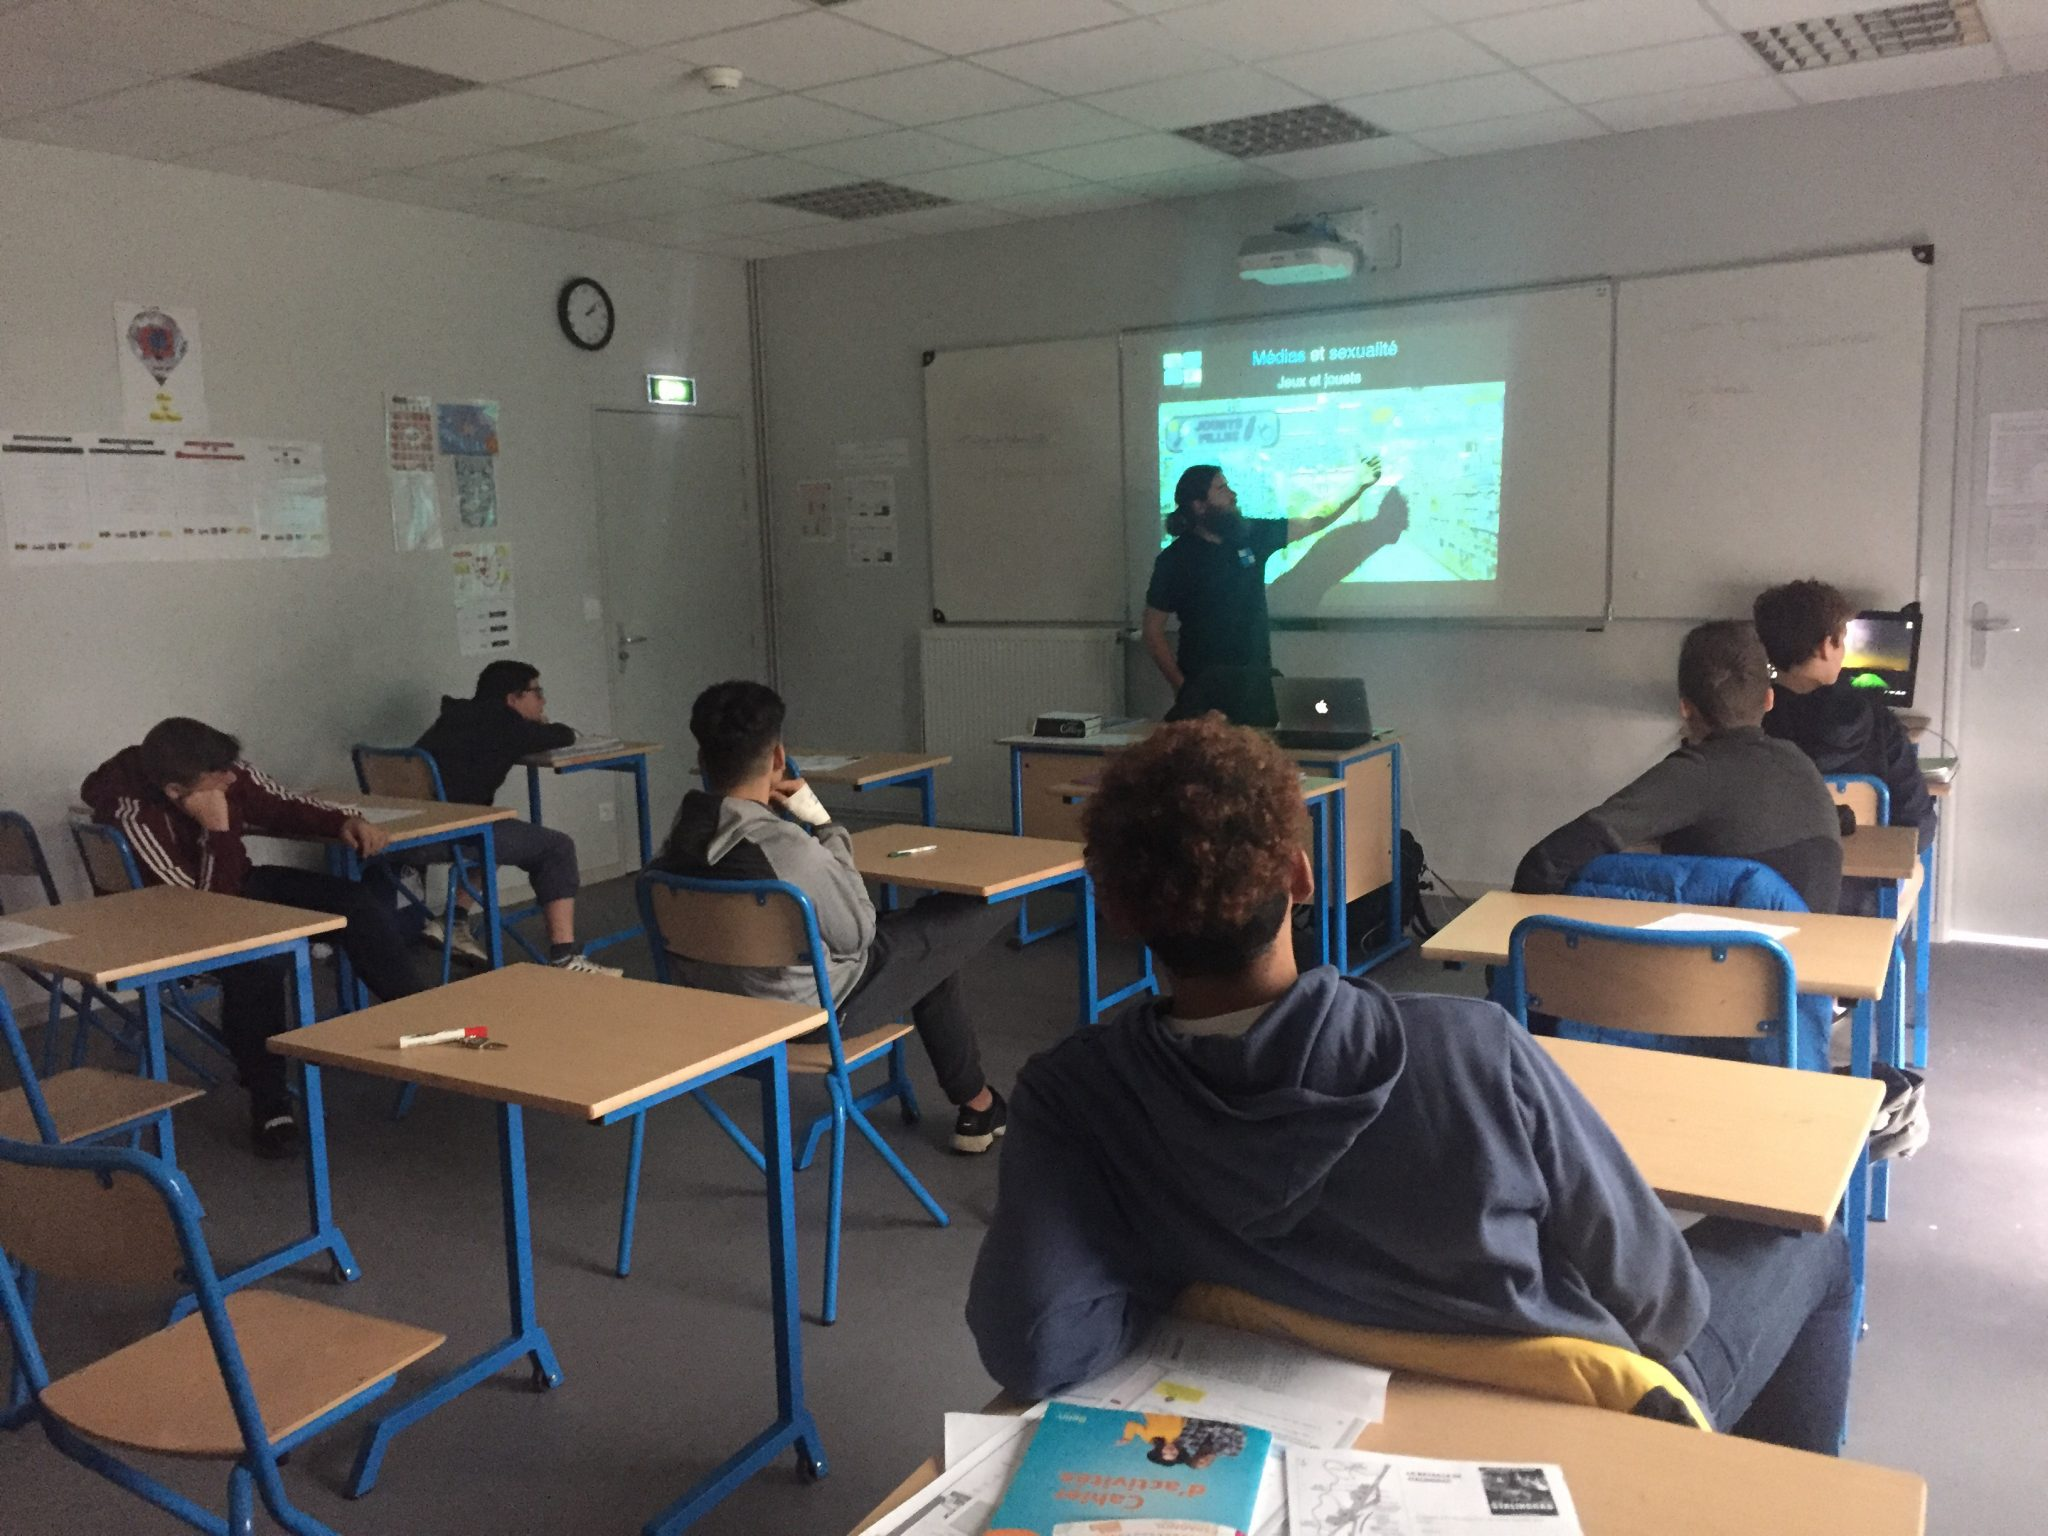 Génération numérique et la bonne utilisation des réseaux sociaux au Collège Sainte-Bernadette de Pau